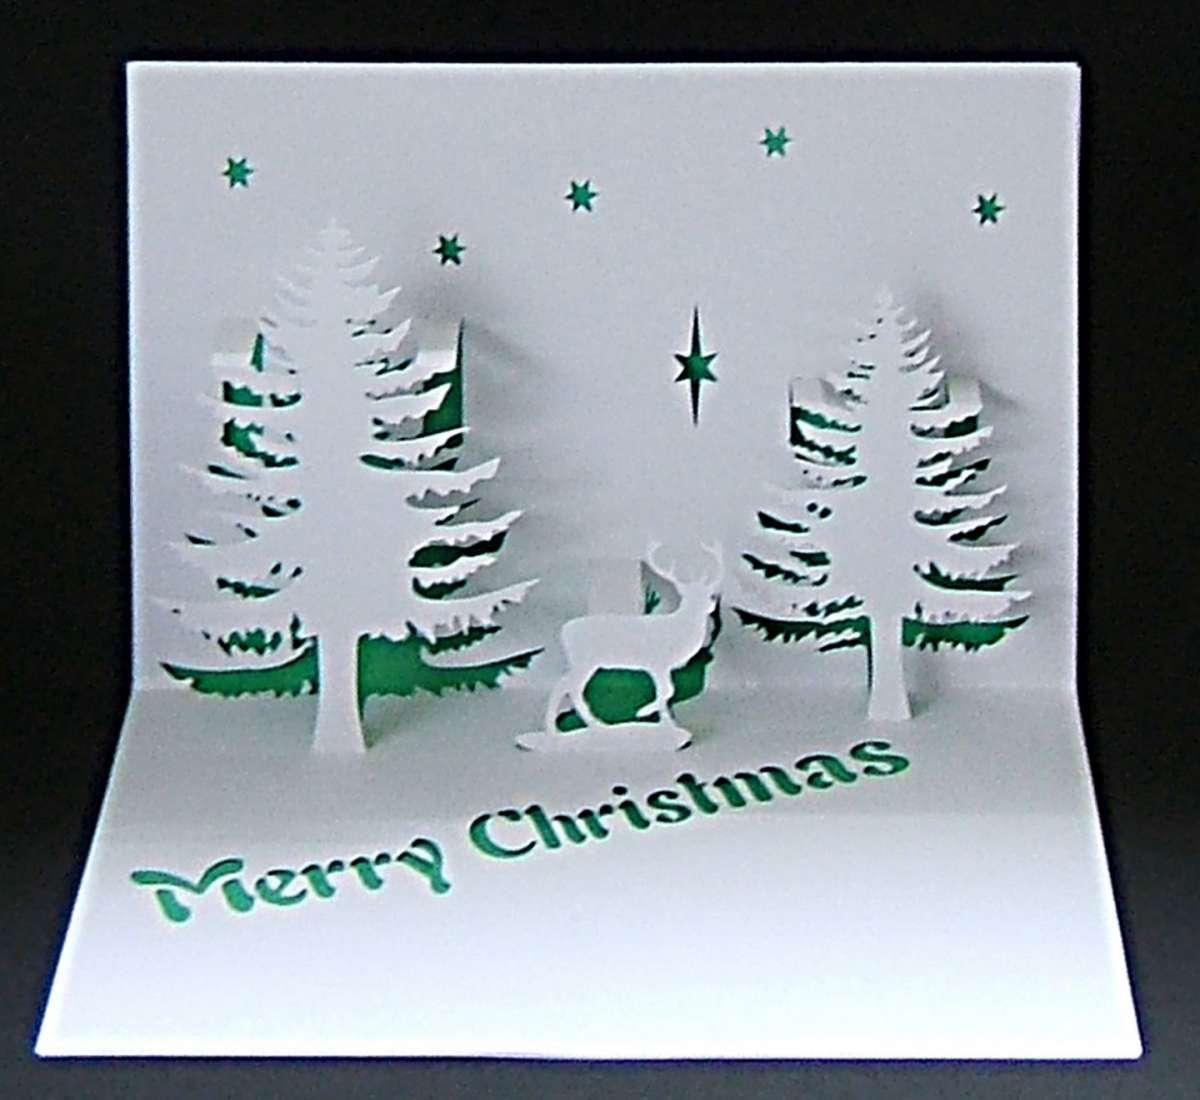 Biglietti Di Natale Divertenti.Biglietti Di Natale Pop Up Fai Da Te Facili Divertenti E Originali